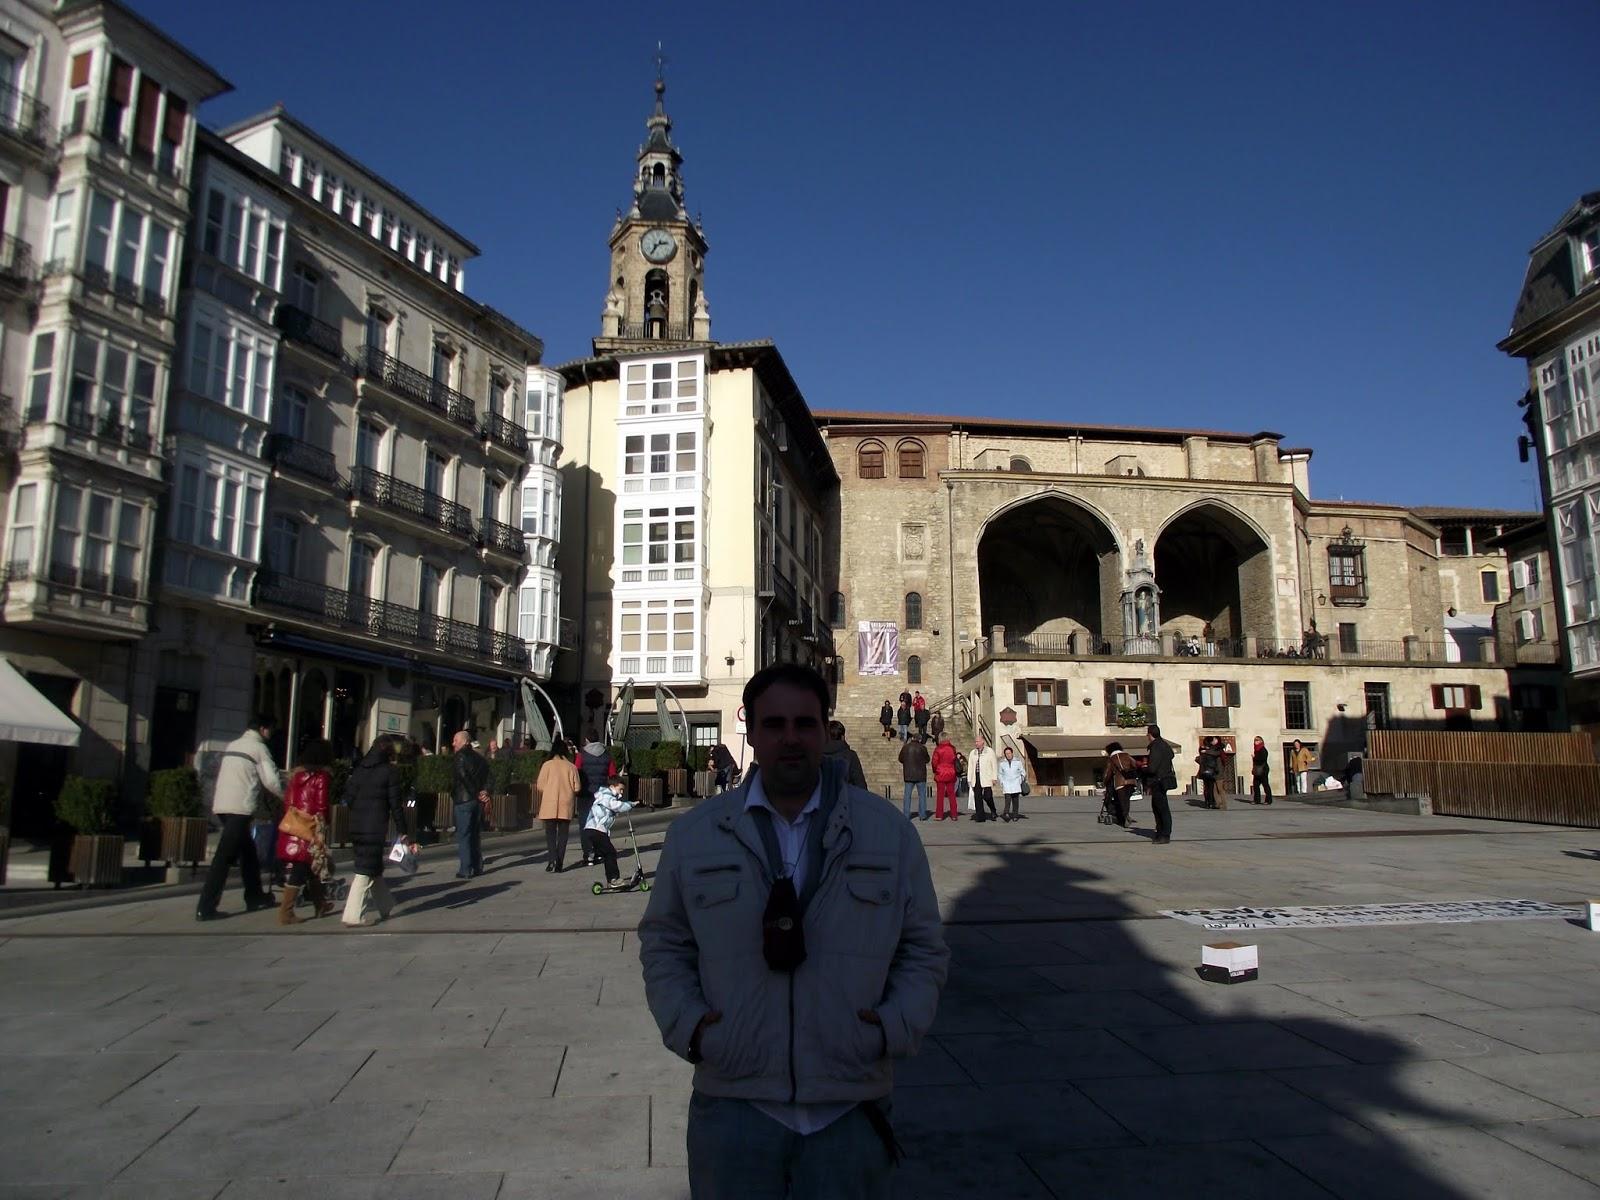 Plaza principal de Vitoria, soleado Diciembre.